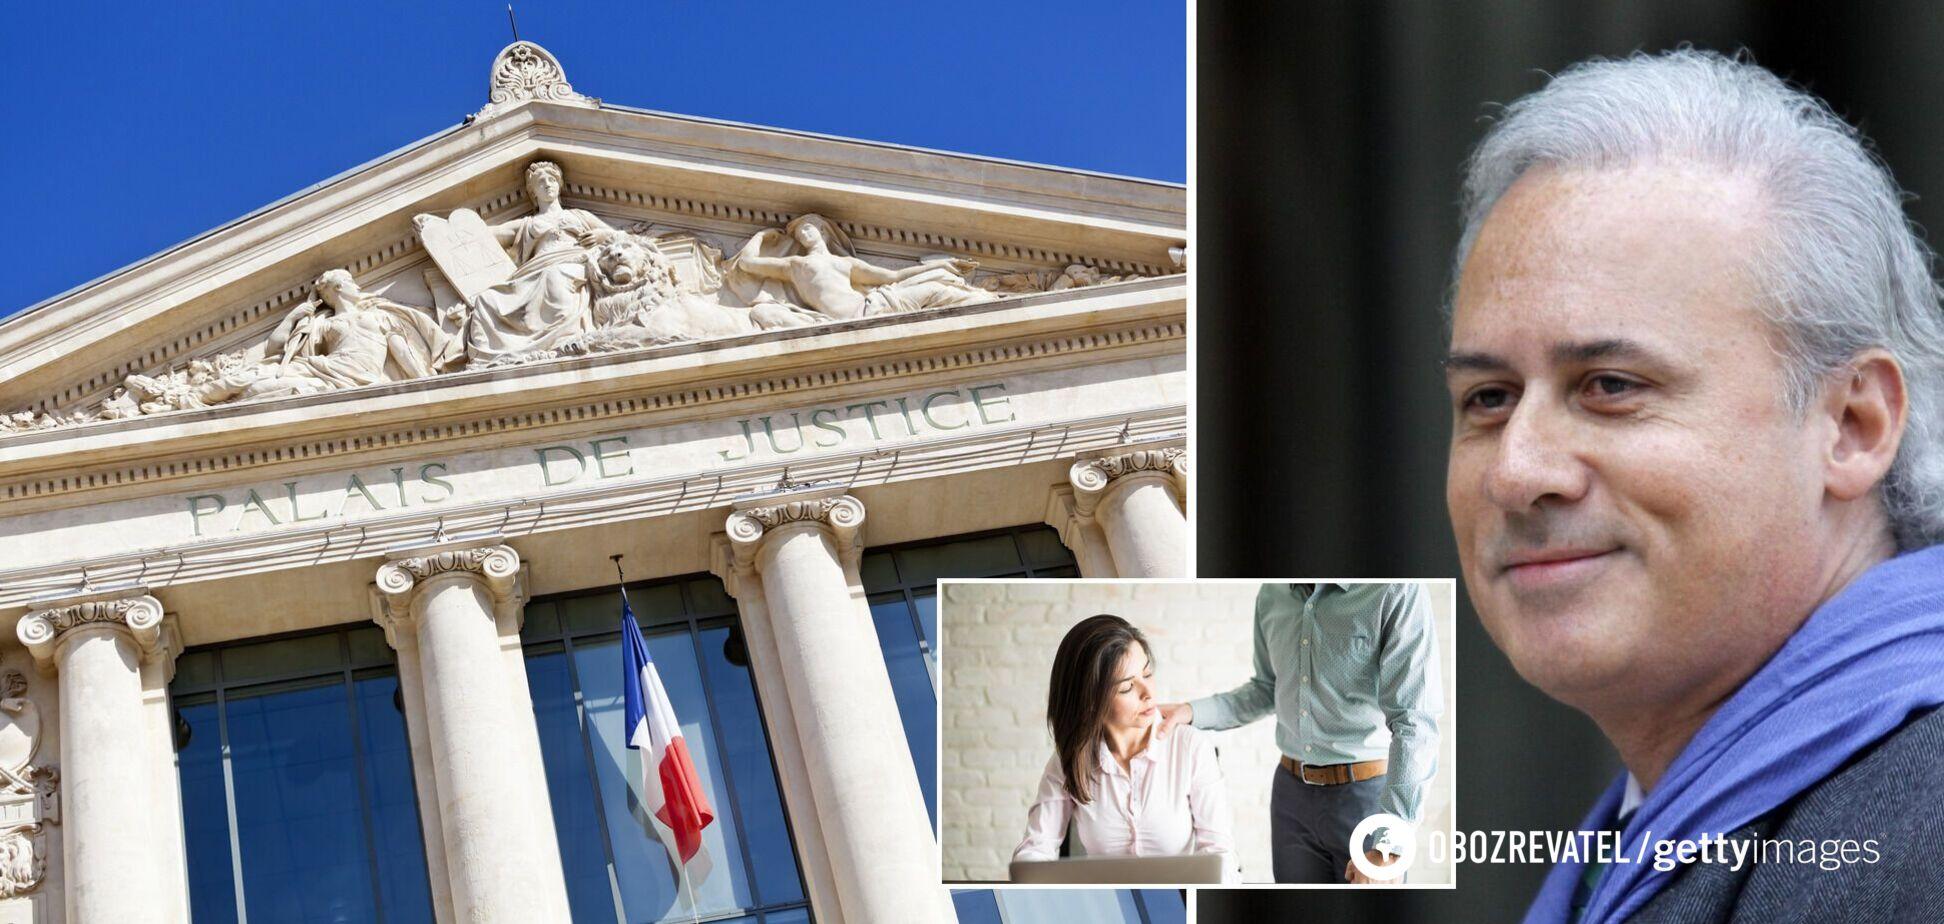 Во Франции экс-министра приговорили к тюрьме за сексуальные домогательства к подчиненным